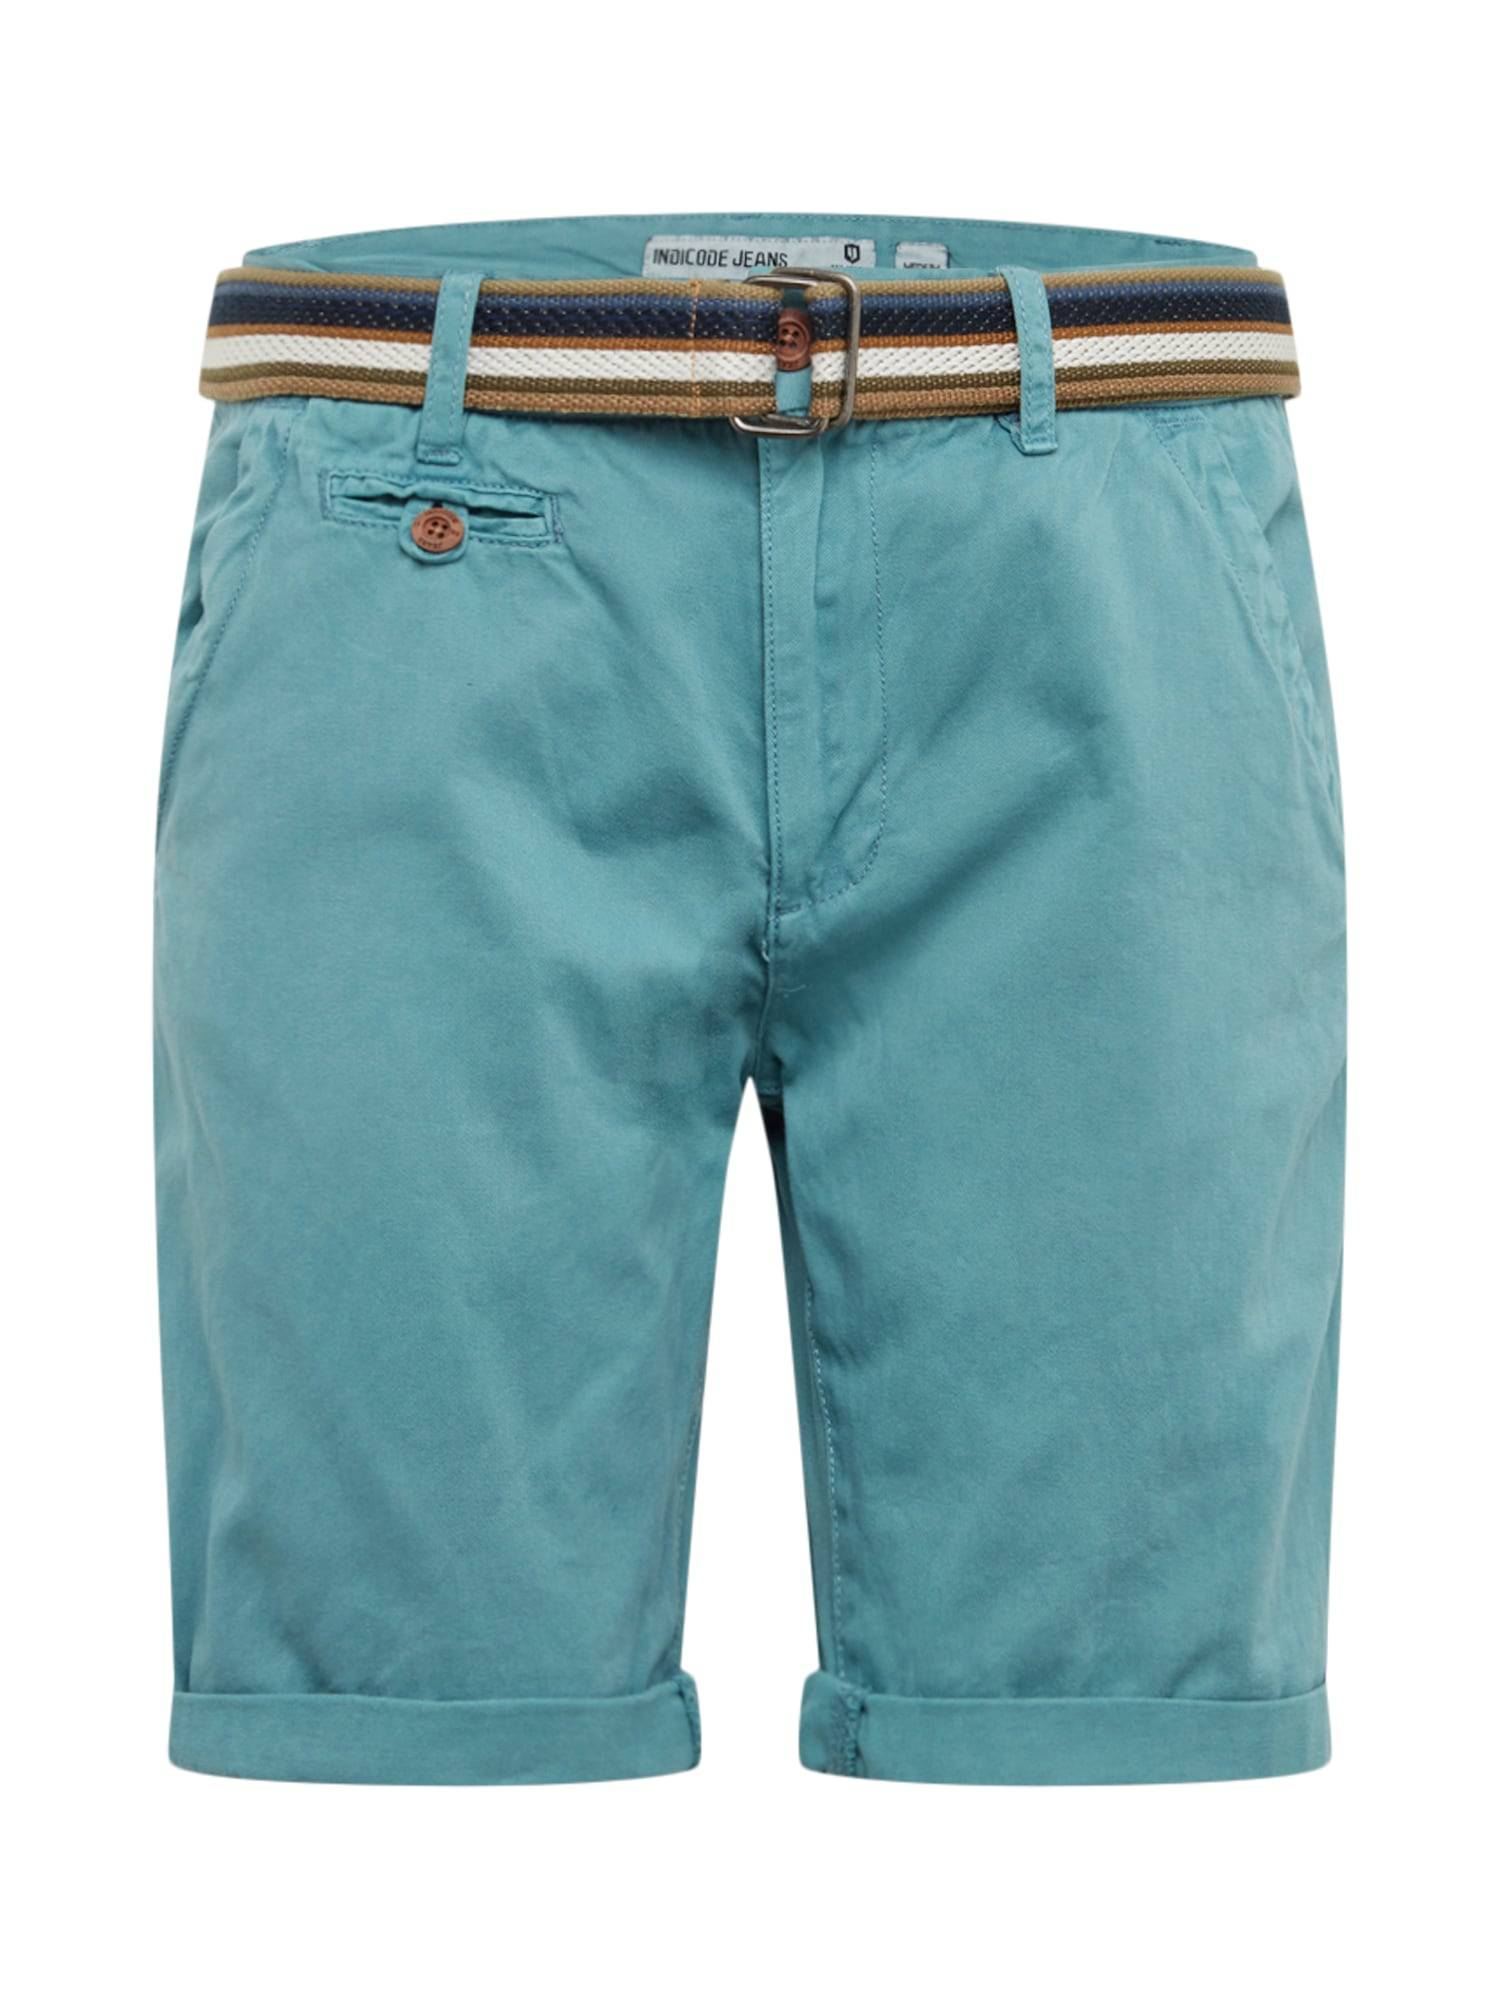 INDICODE JEANS Pantaloni chino 'Royce' Blu